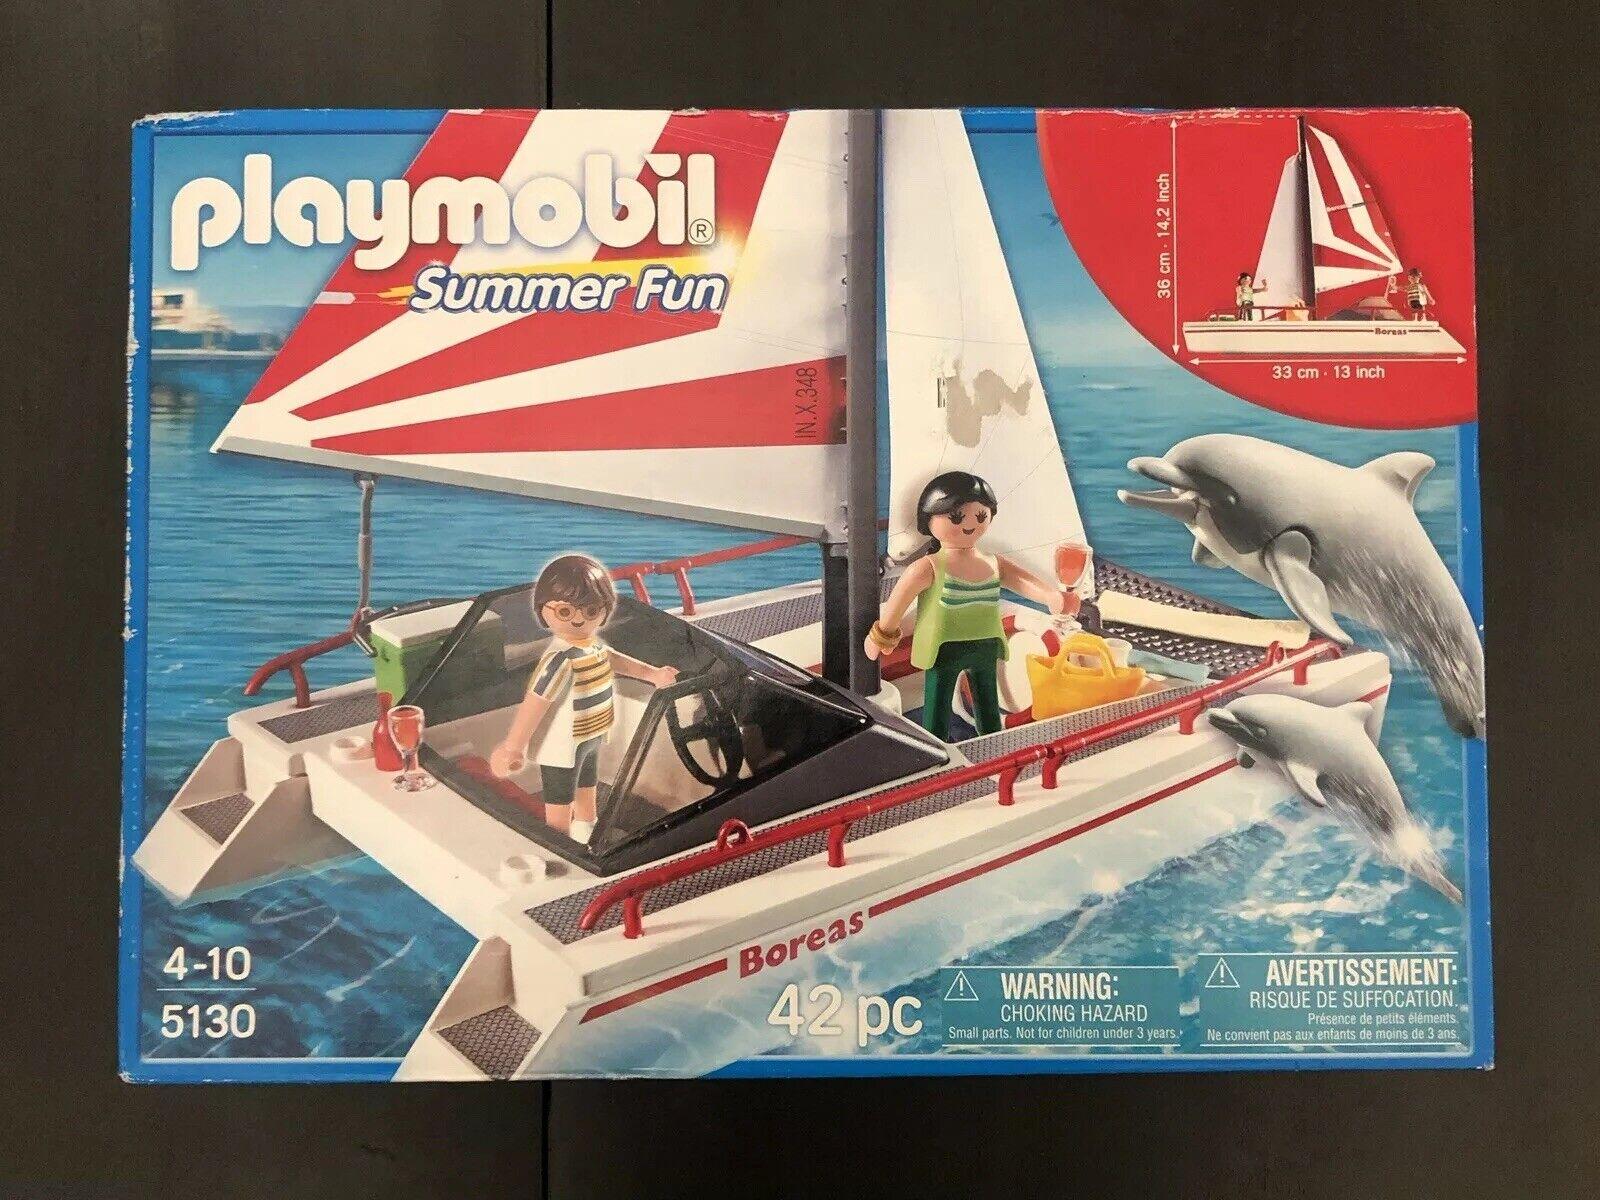 2010 nouveau In Box Playmobil été Fun Catamaran avec  dauphins 5130 Jouet Jeu Lego Figures  aucune hésitation! achetez maintenant!